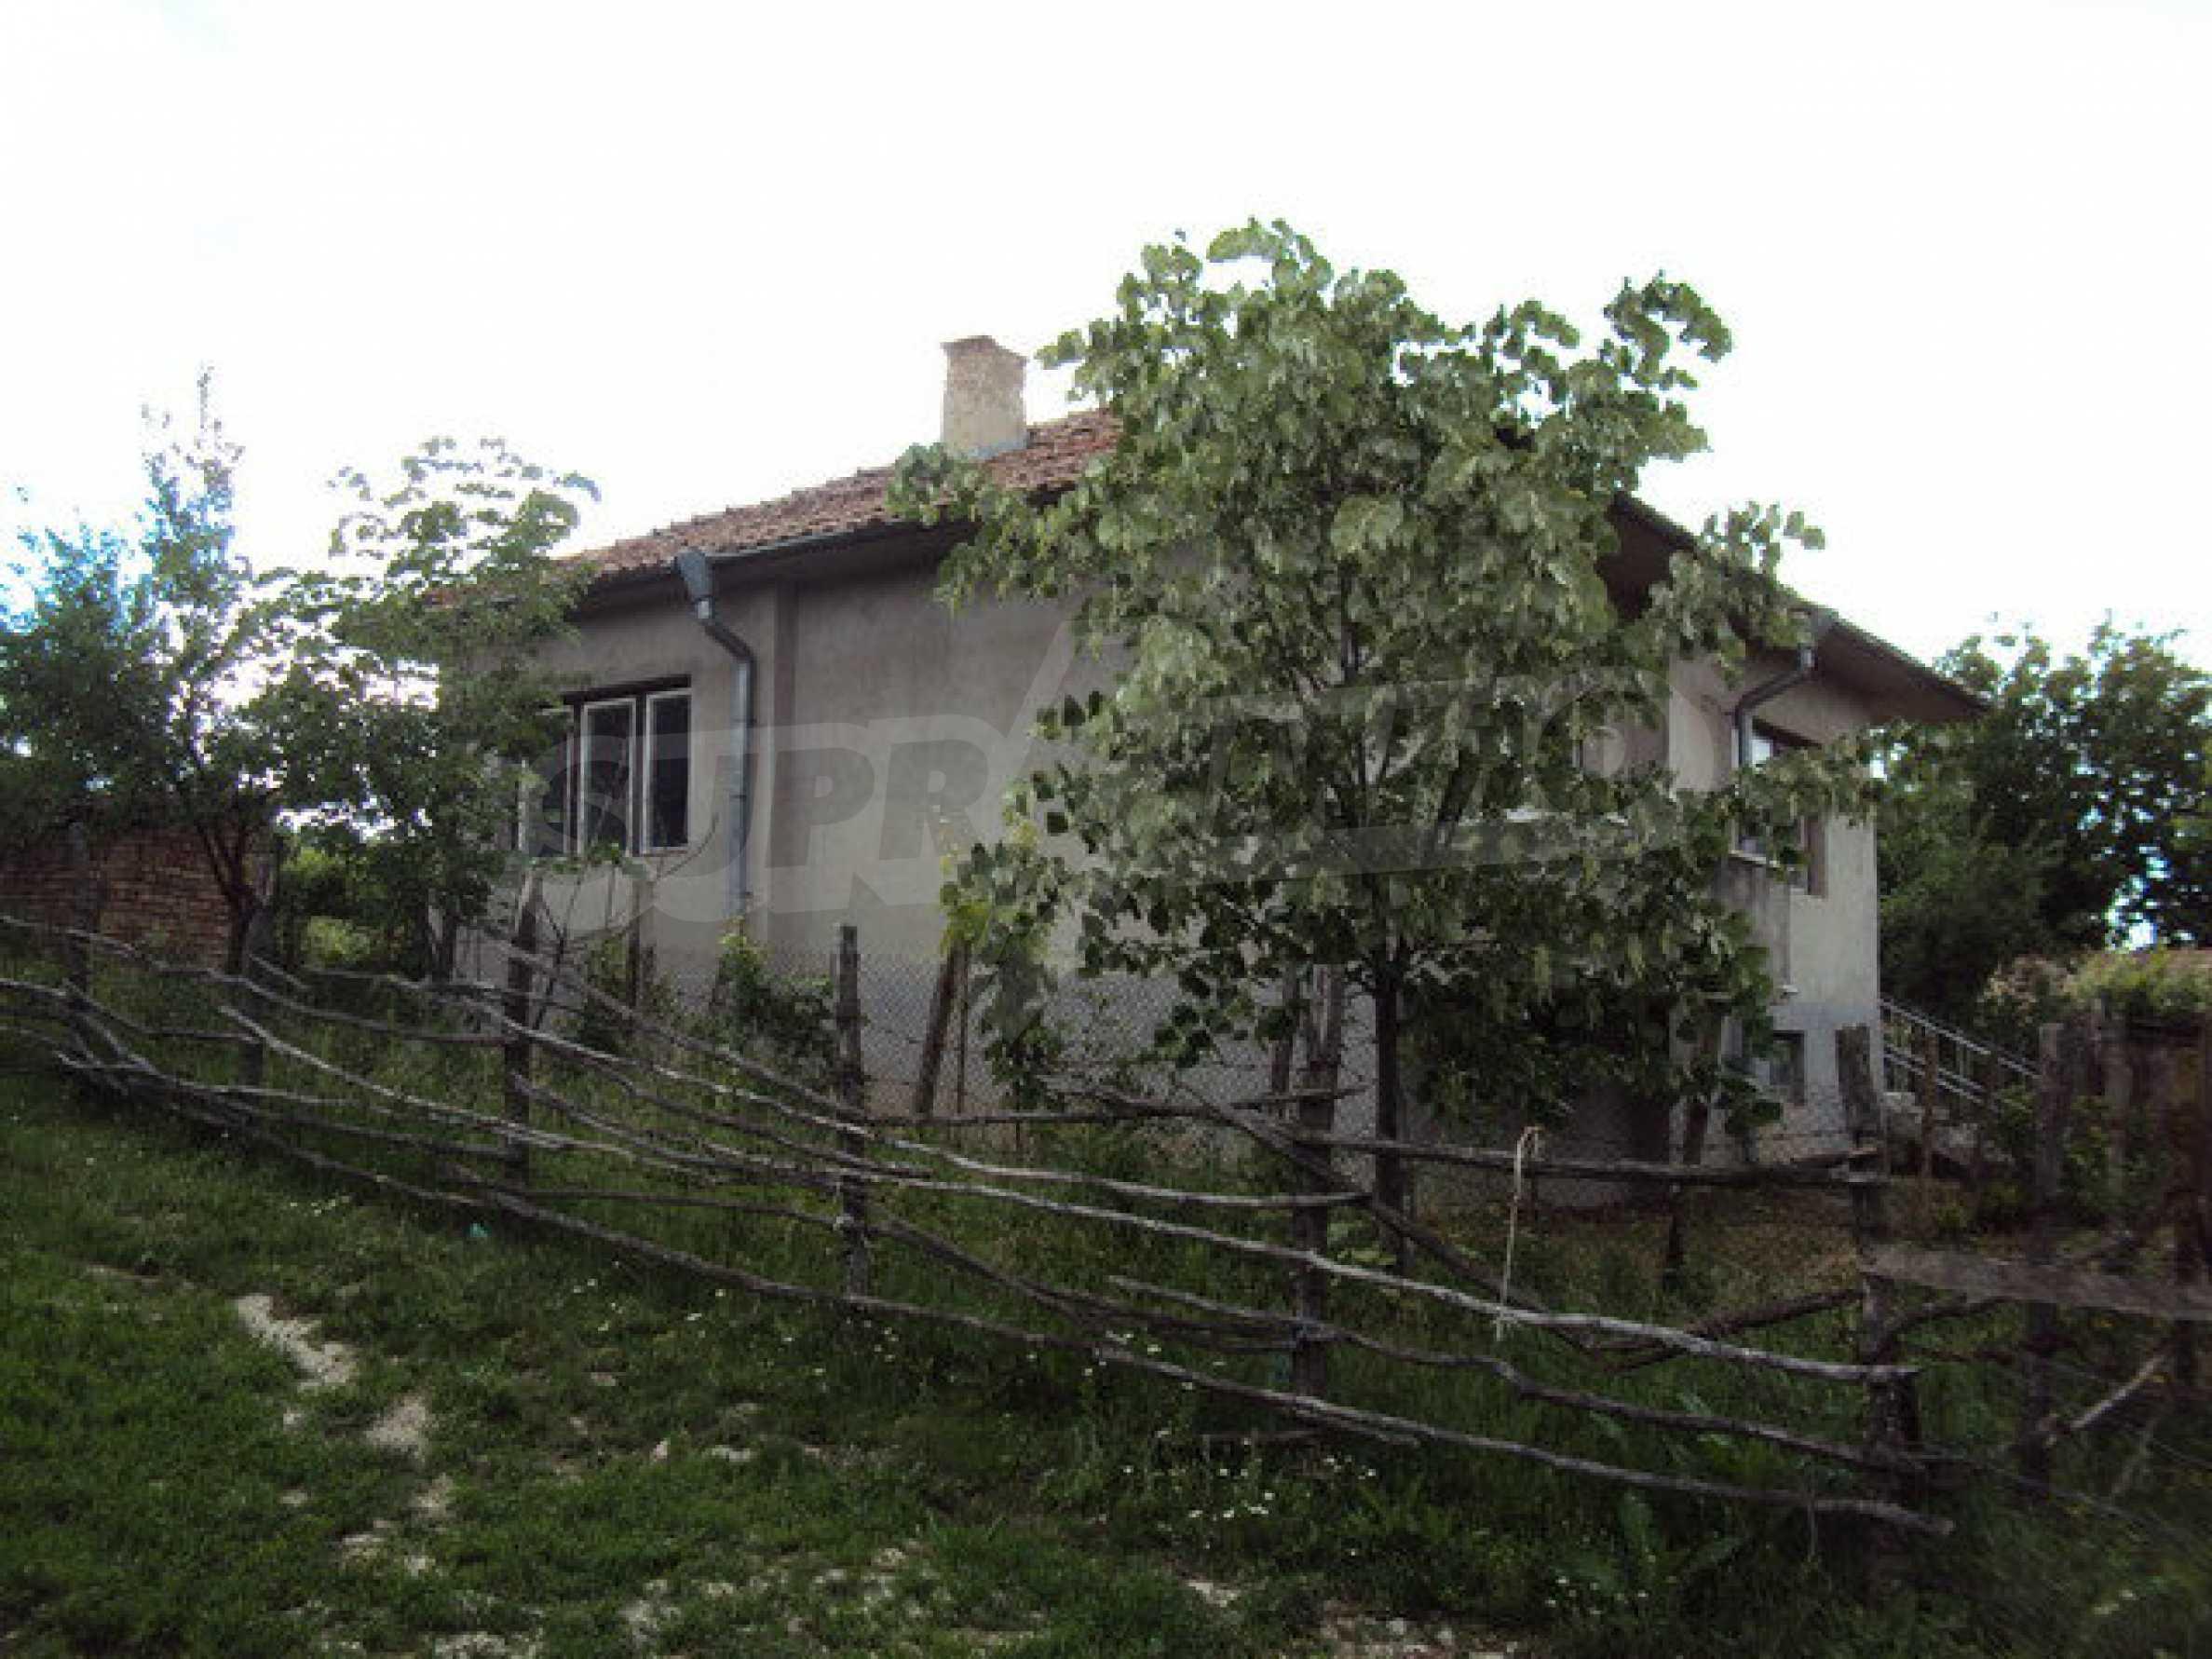 Zweistöckiges Landhaus mit Garten 50 km. von der alten Hauptstadt Veliko Tarnovo 4